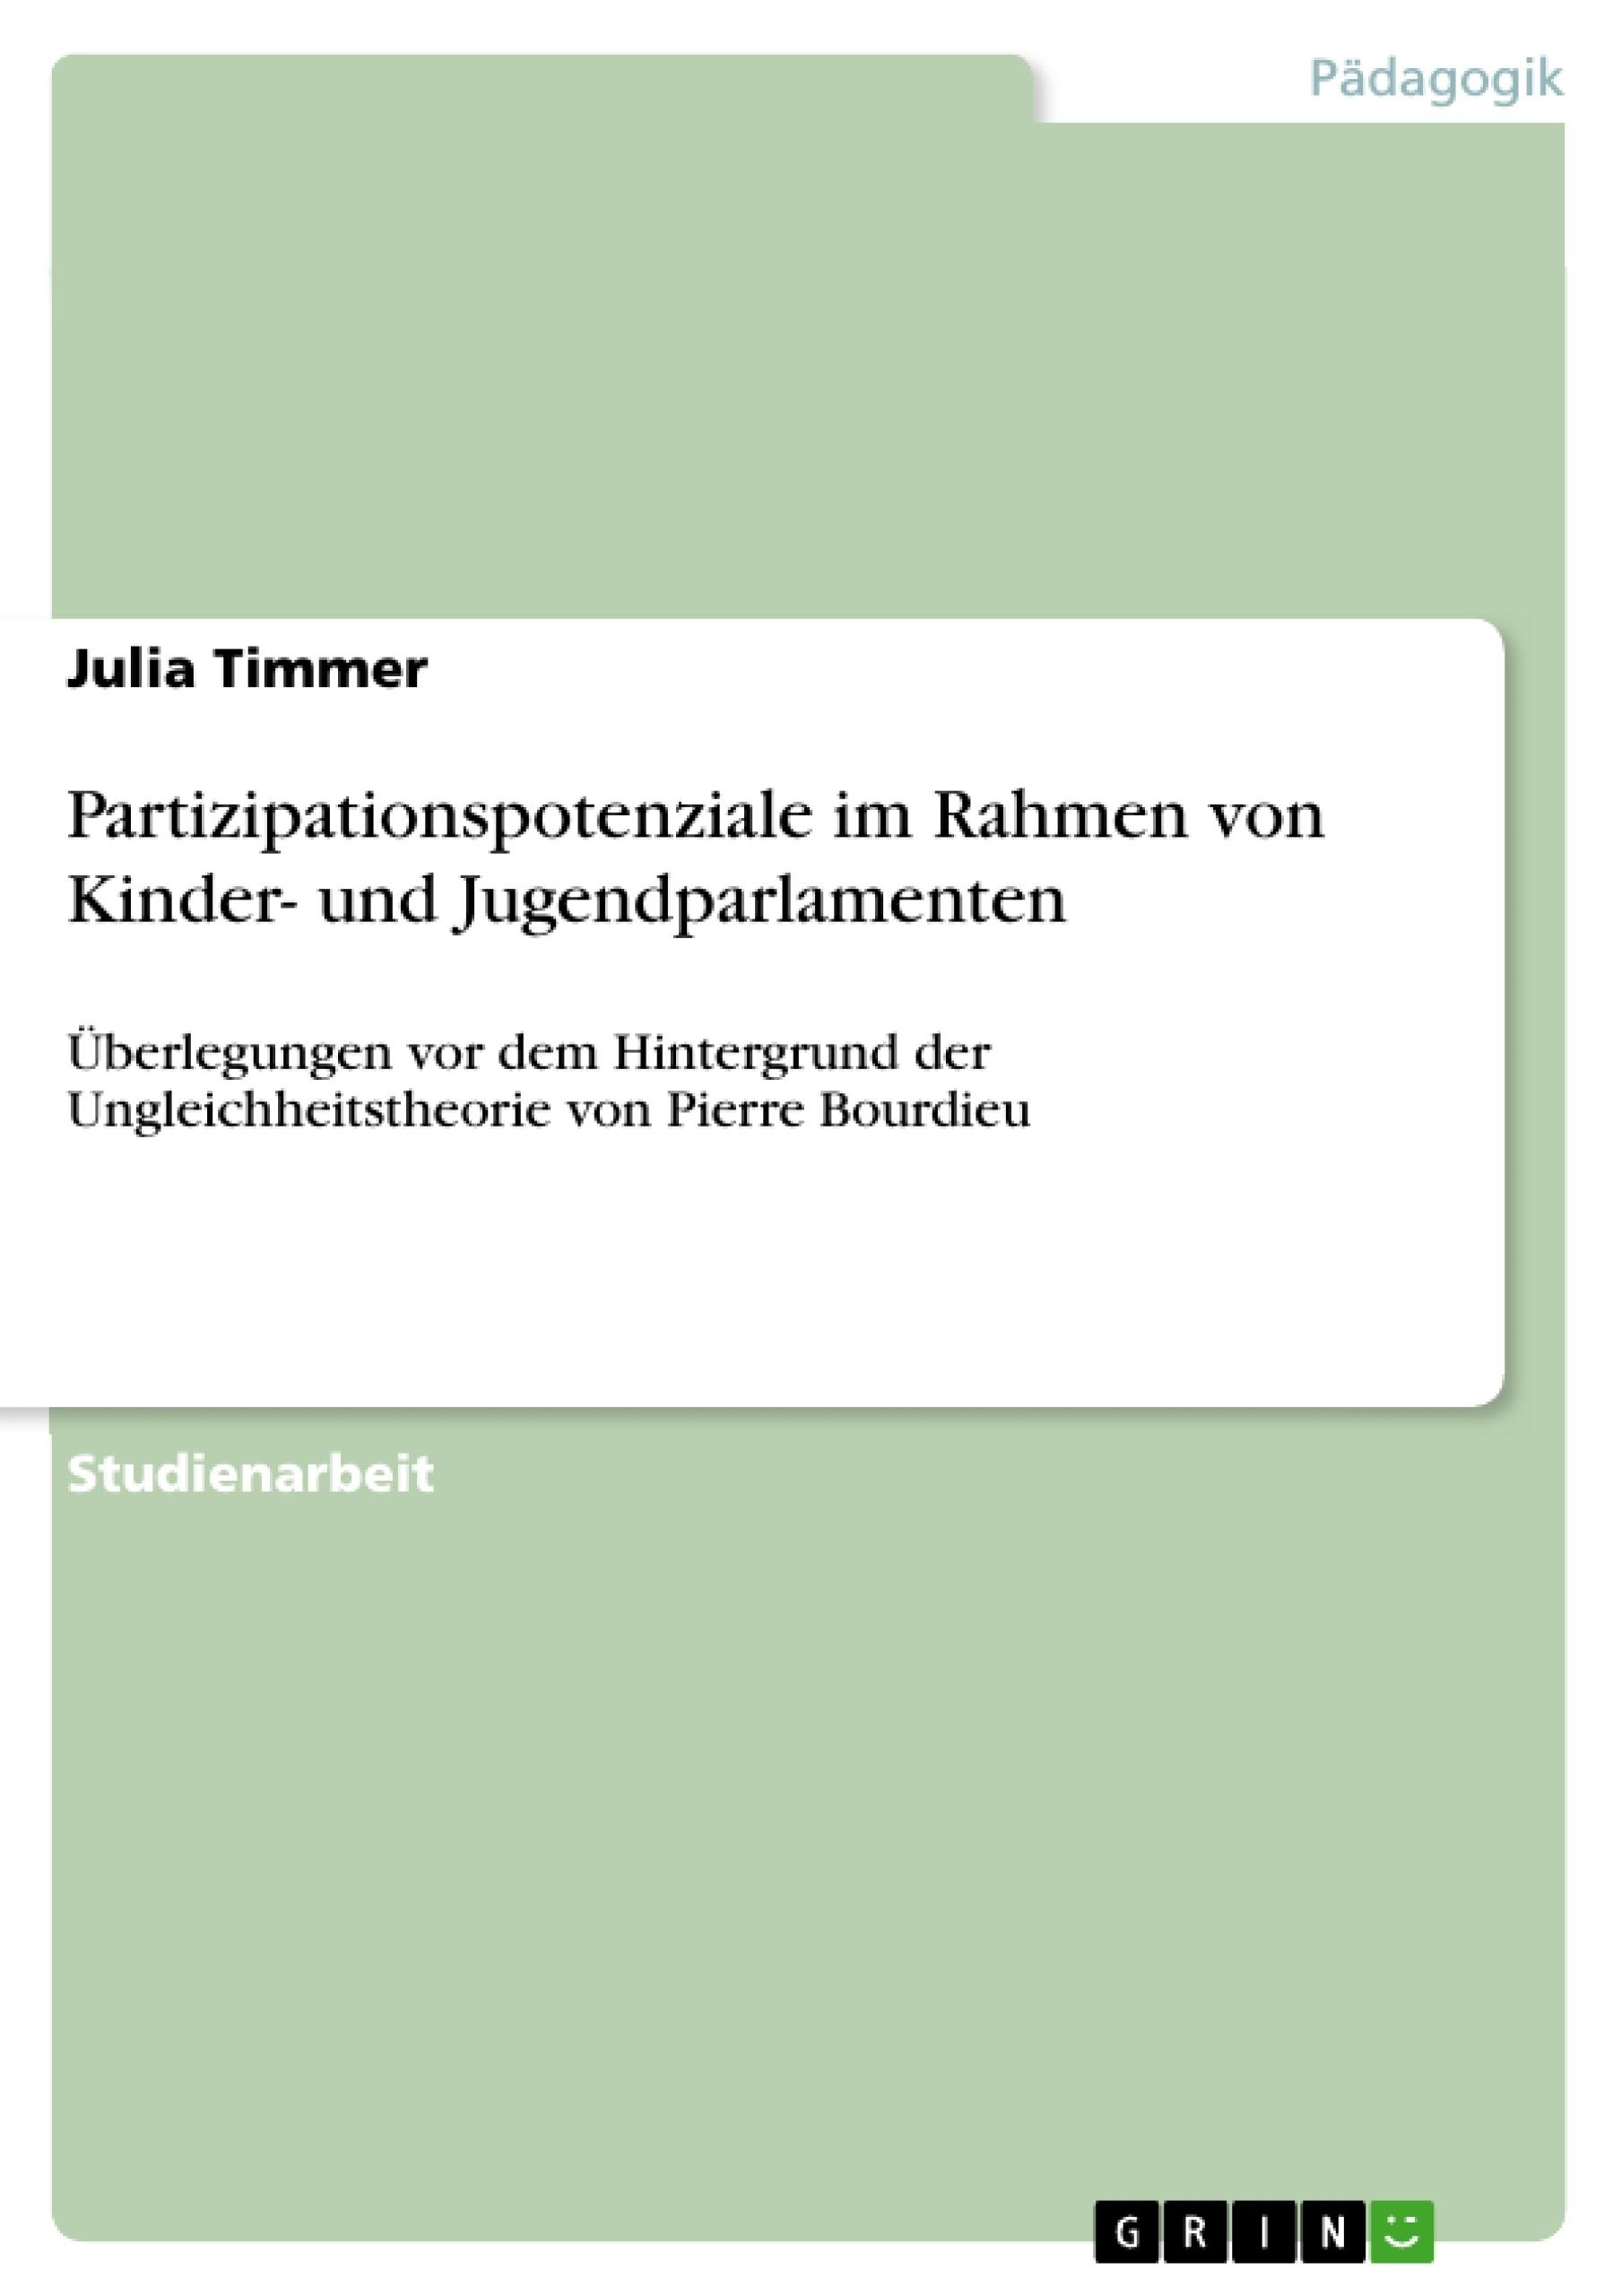 Titel: Partizipationspotenziale im Rahmen von Kinder- und Jugendparlamenten